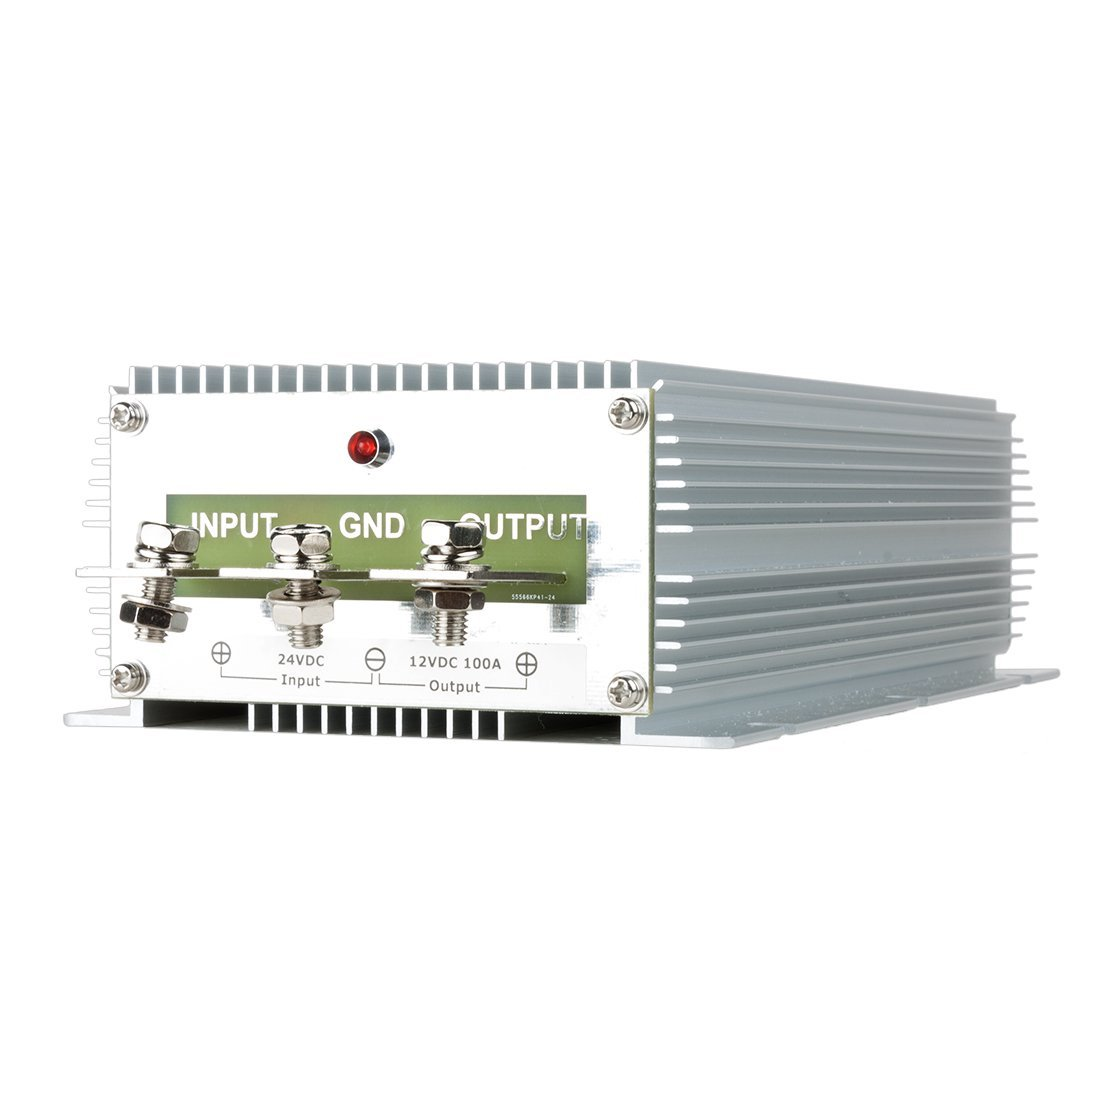 Conversor de tensão DealMux DealMux Nova High-Power Regulator DC 24V Step-down para DC 12V 100A 1200W Car Truck Poder Buck Transformer